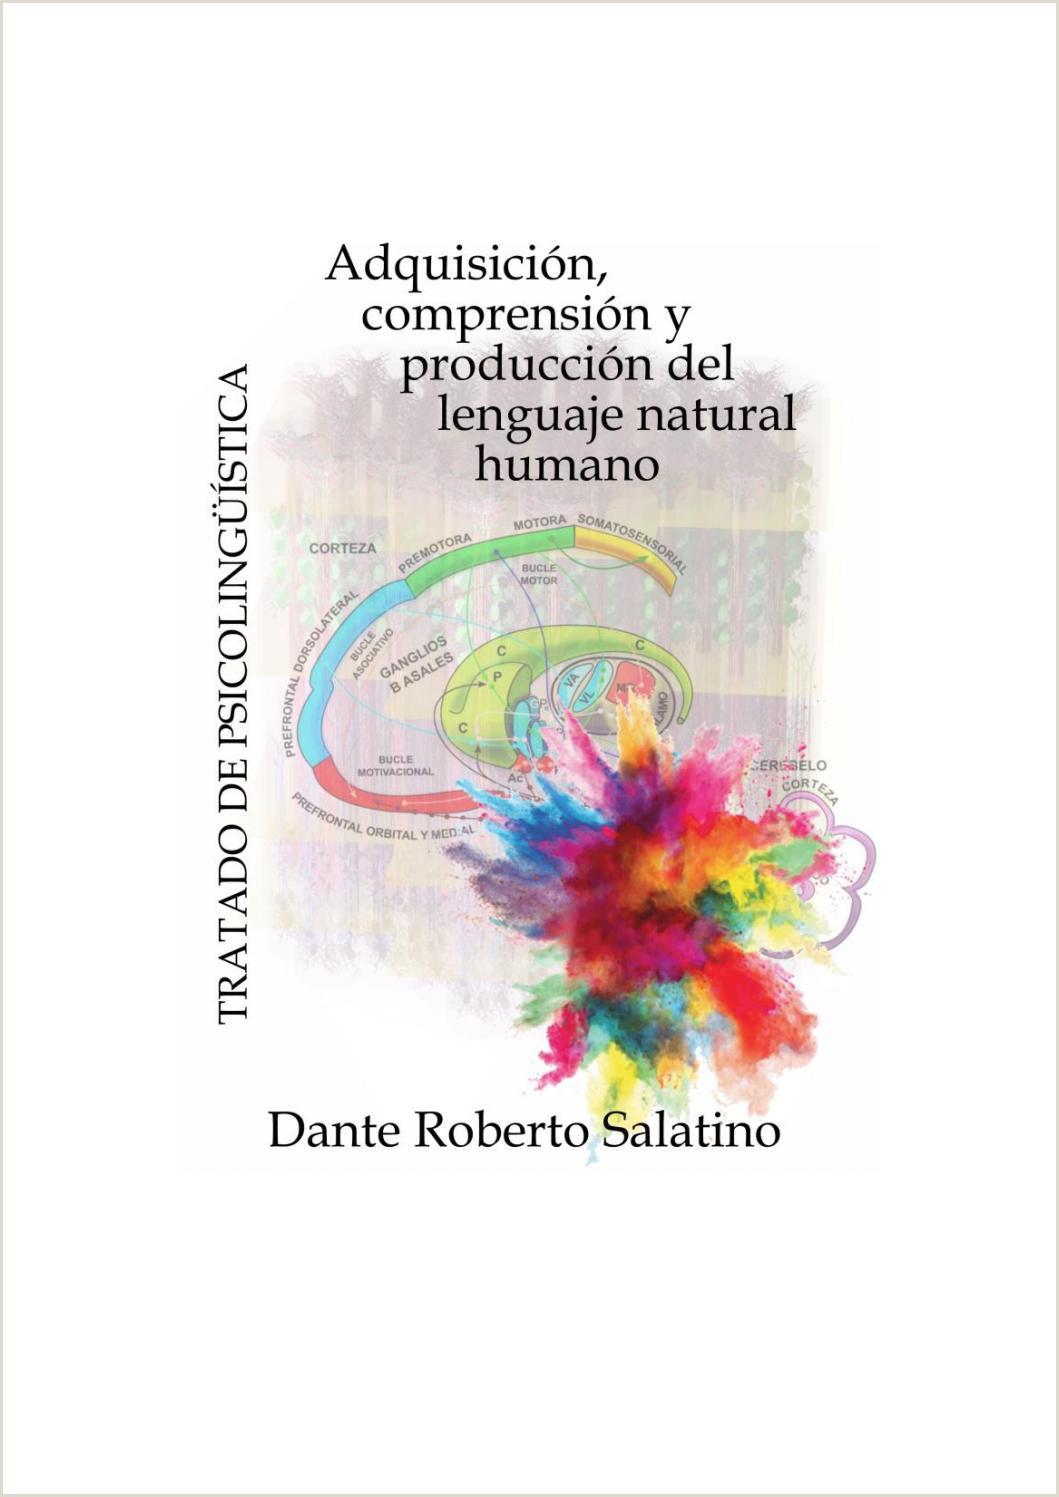 Como Hacer Una Hoja De Vida Breve Tratado De Psicolingüstica by Dante Salatino issuu